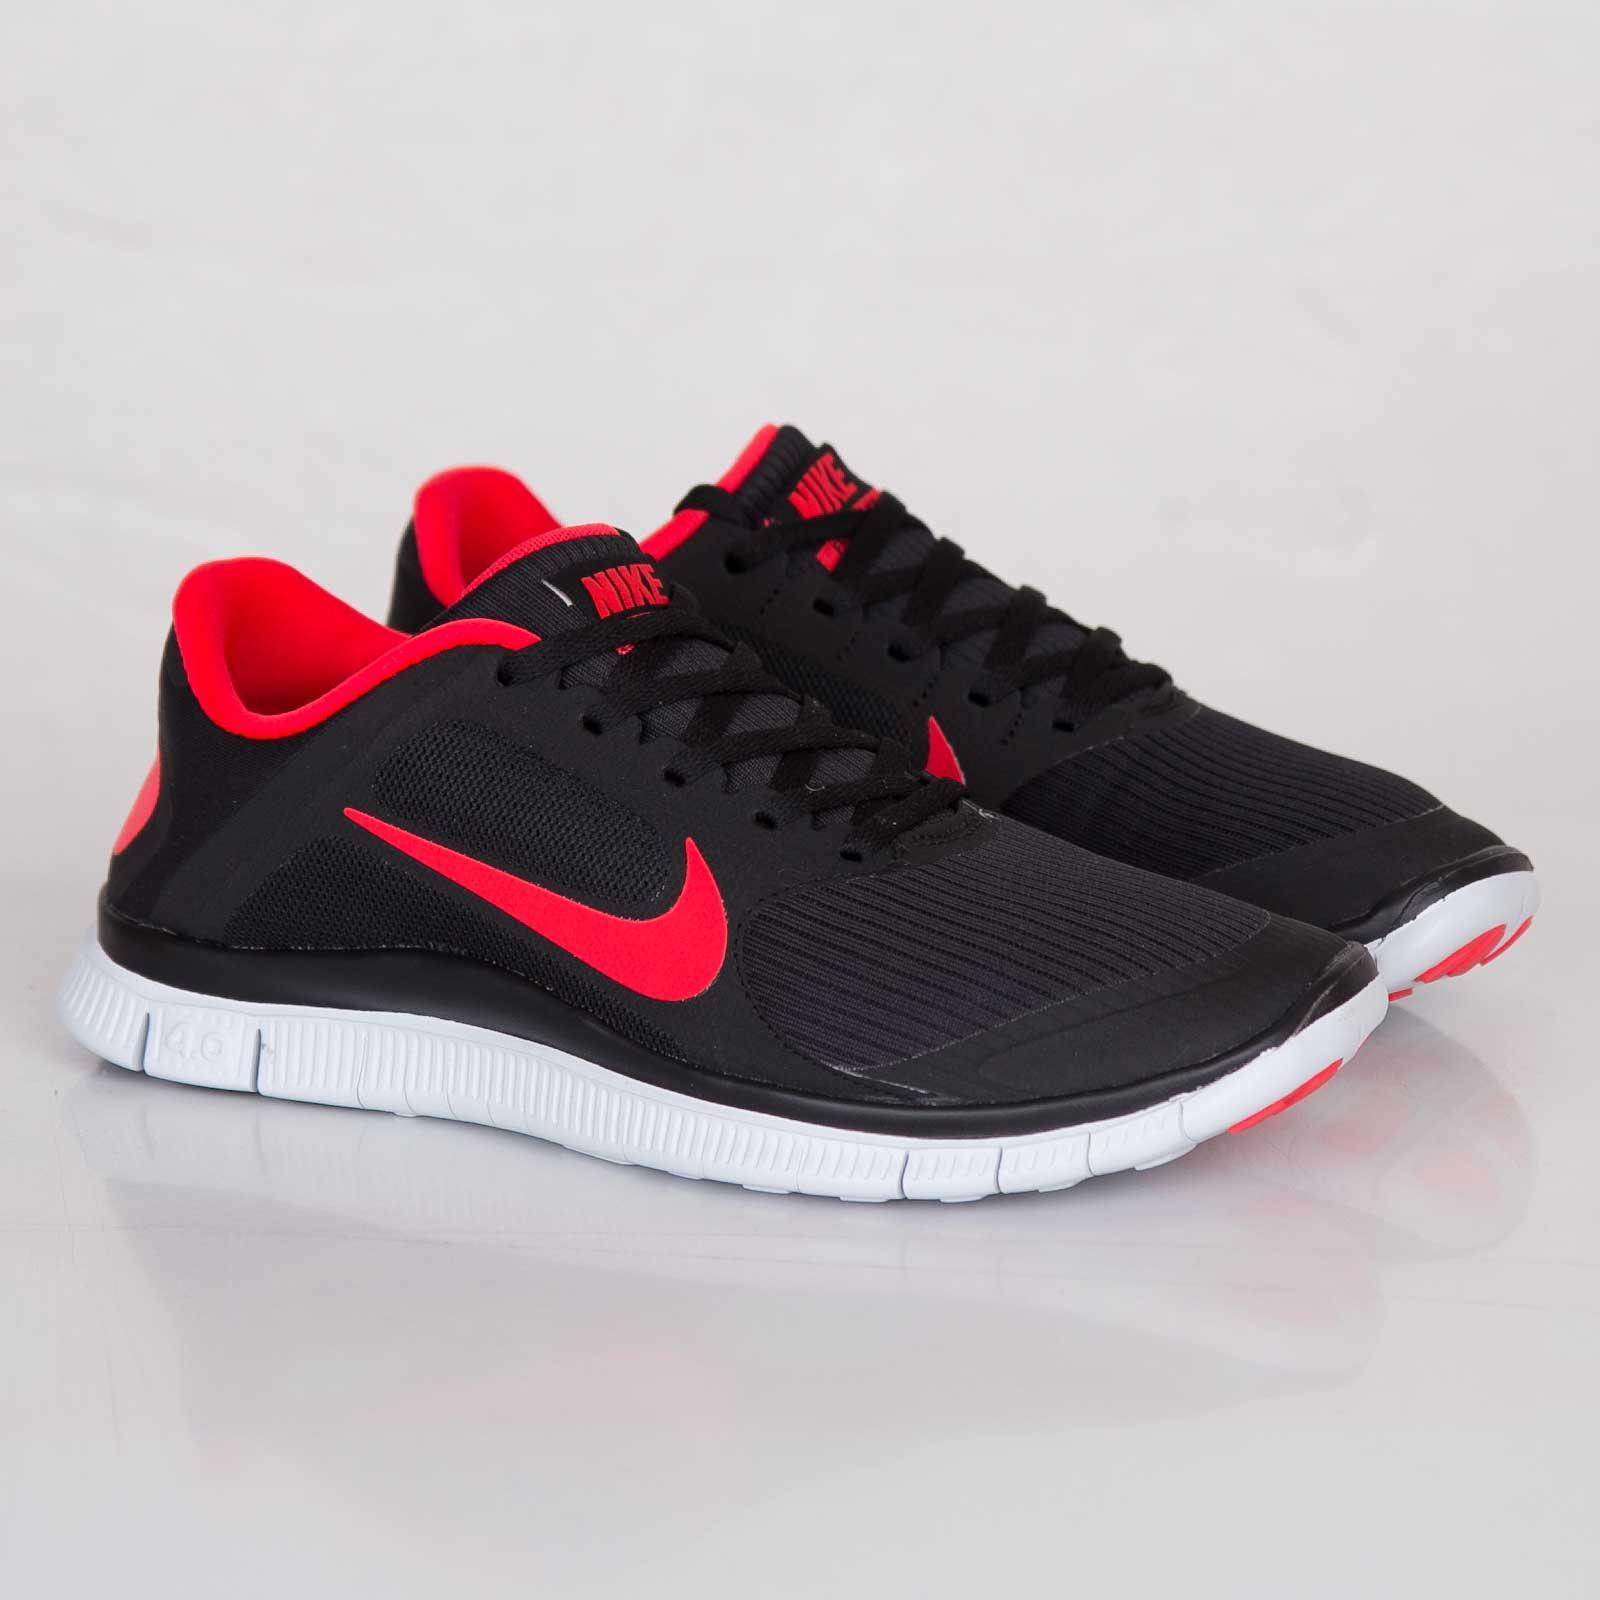 hot sales 57aad 76a24 Nike Free 4.0 V3 - 579958-060 - Sneakersnstuff | sneakers ...